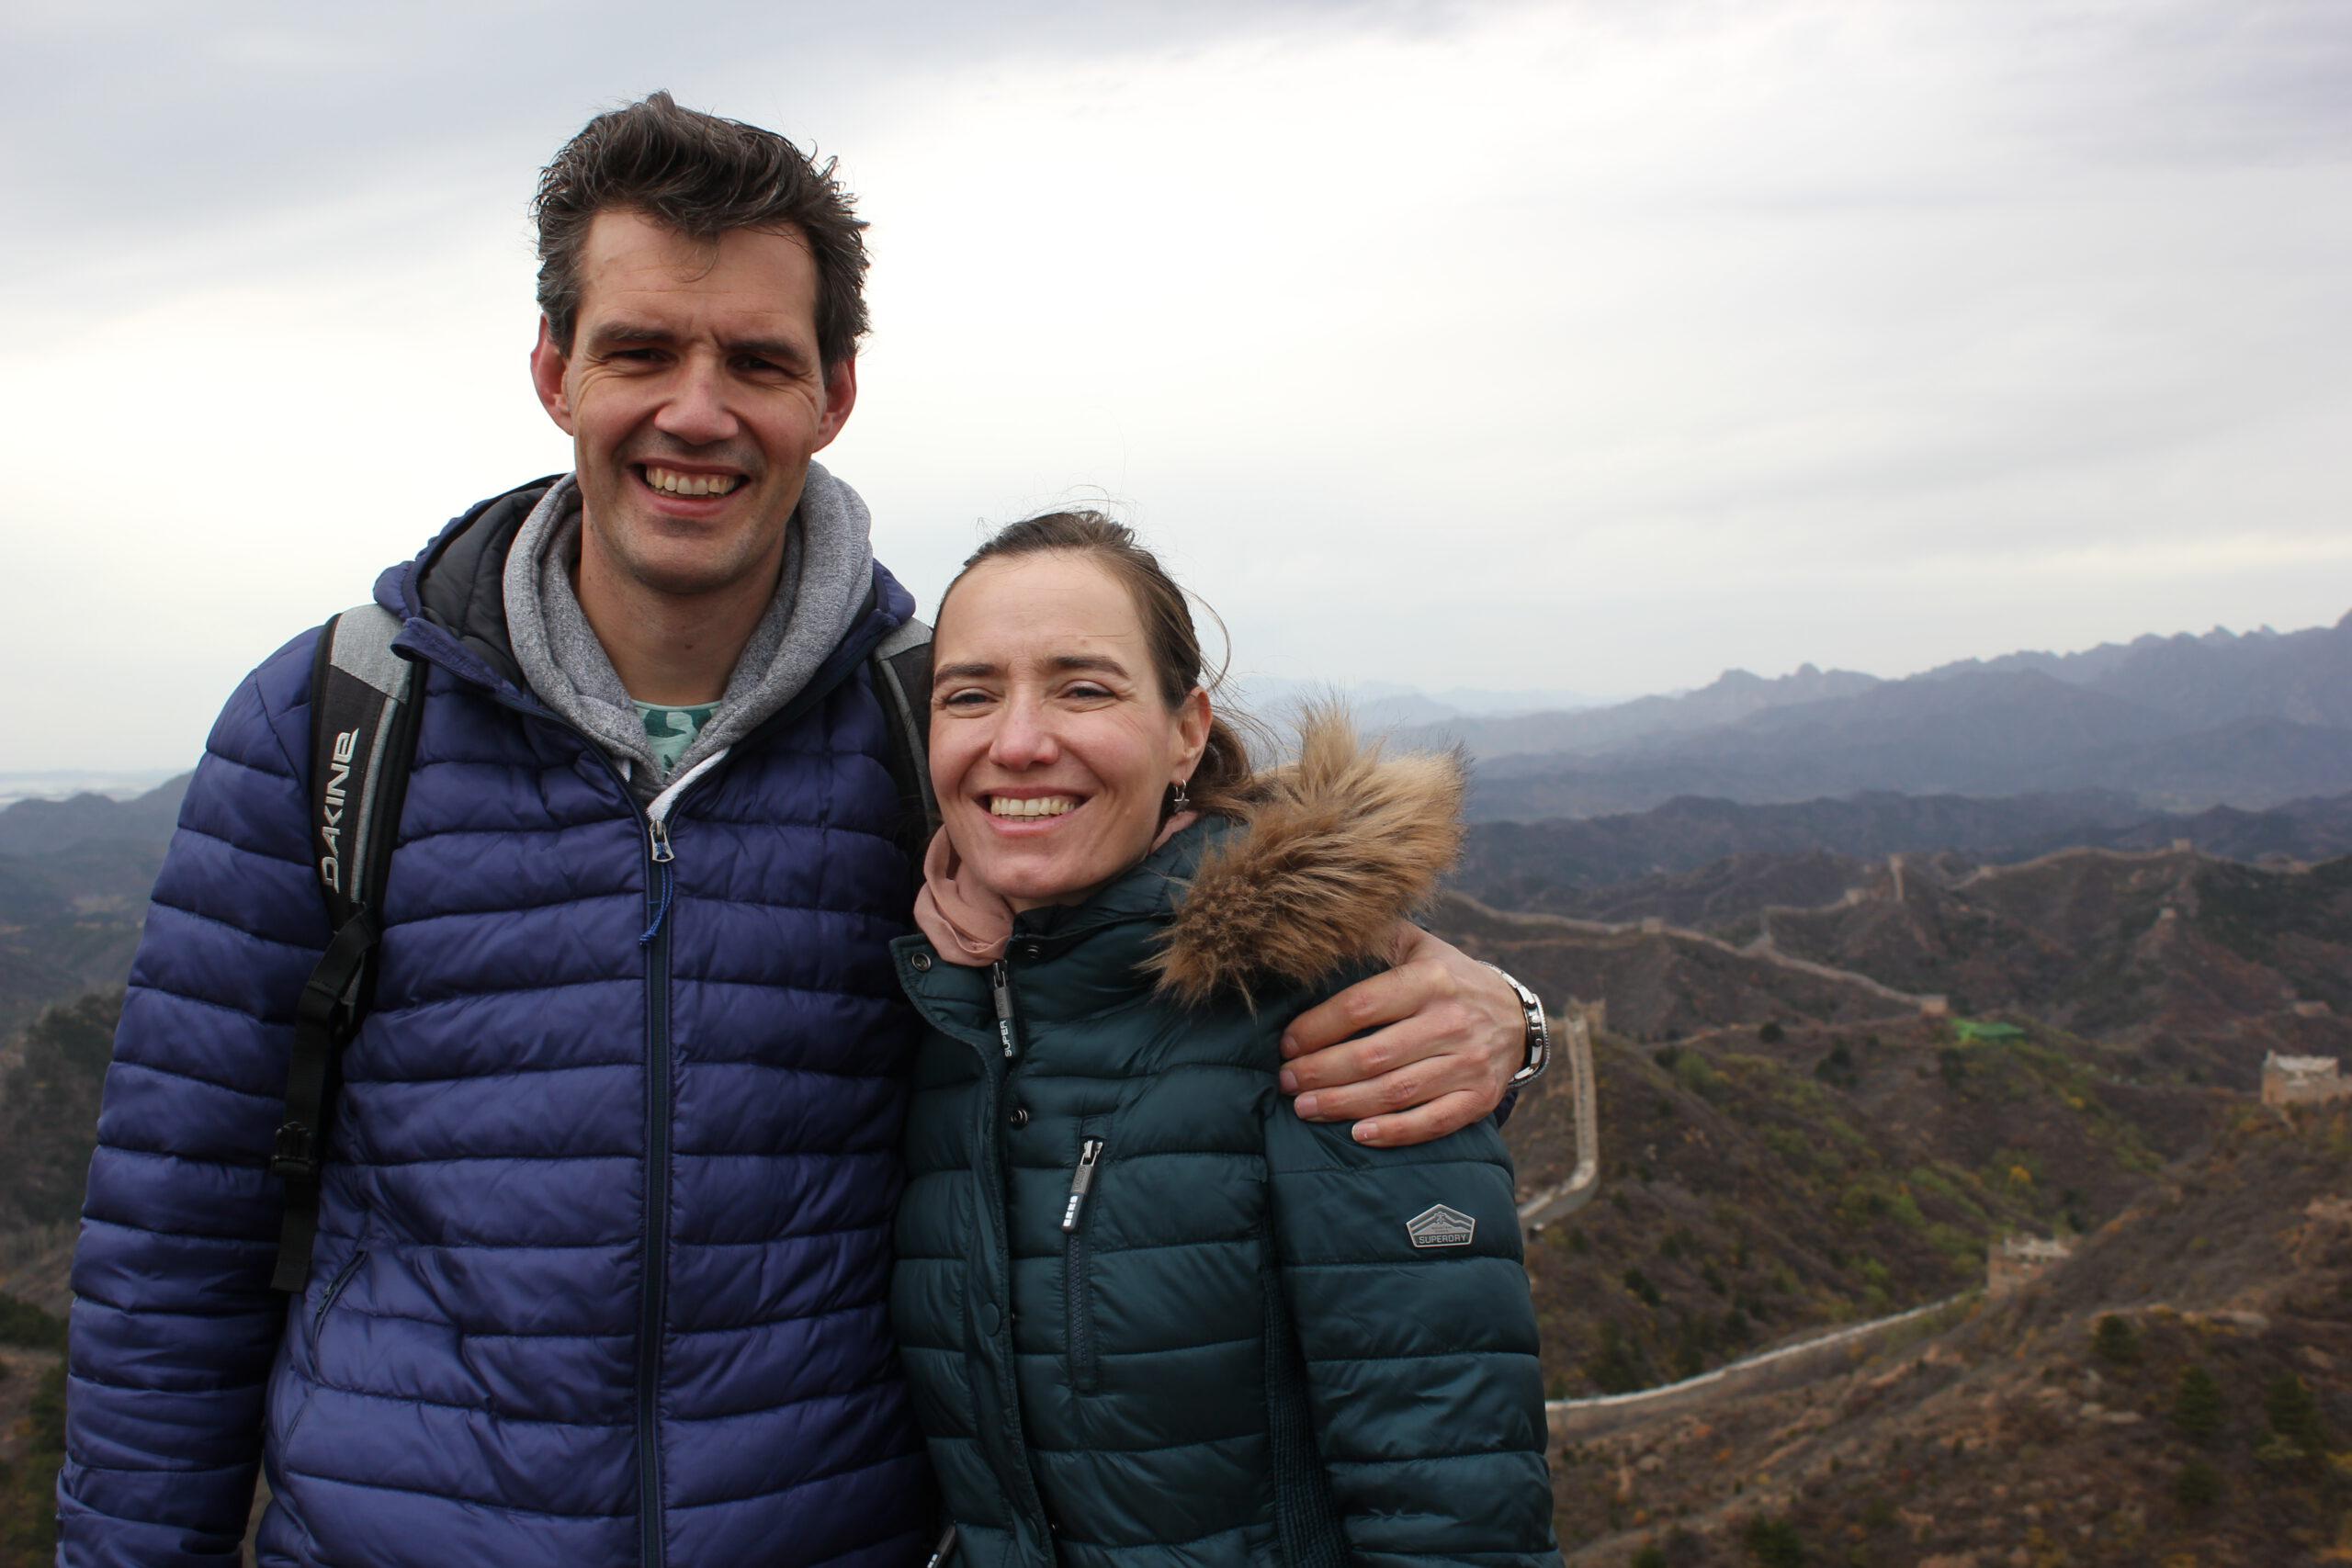 Reisblog Reisgelukjes door Maaike op de Chinese Muur